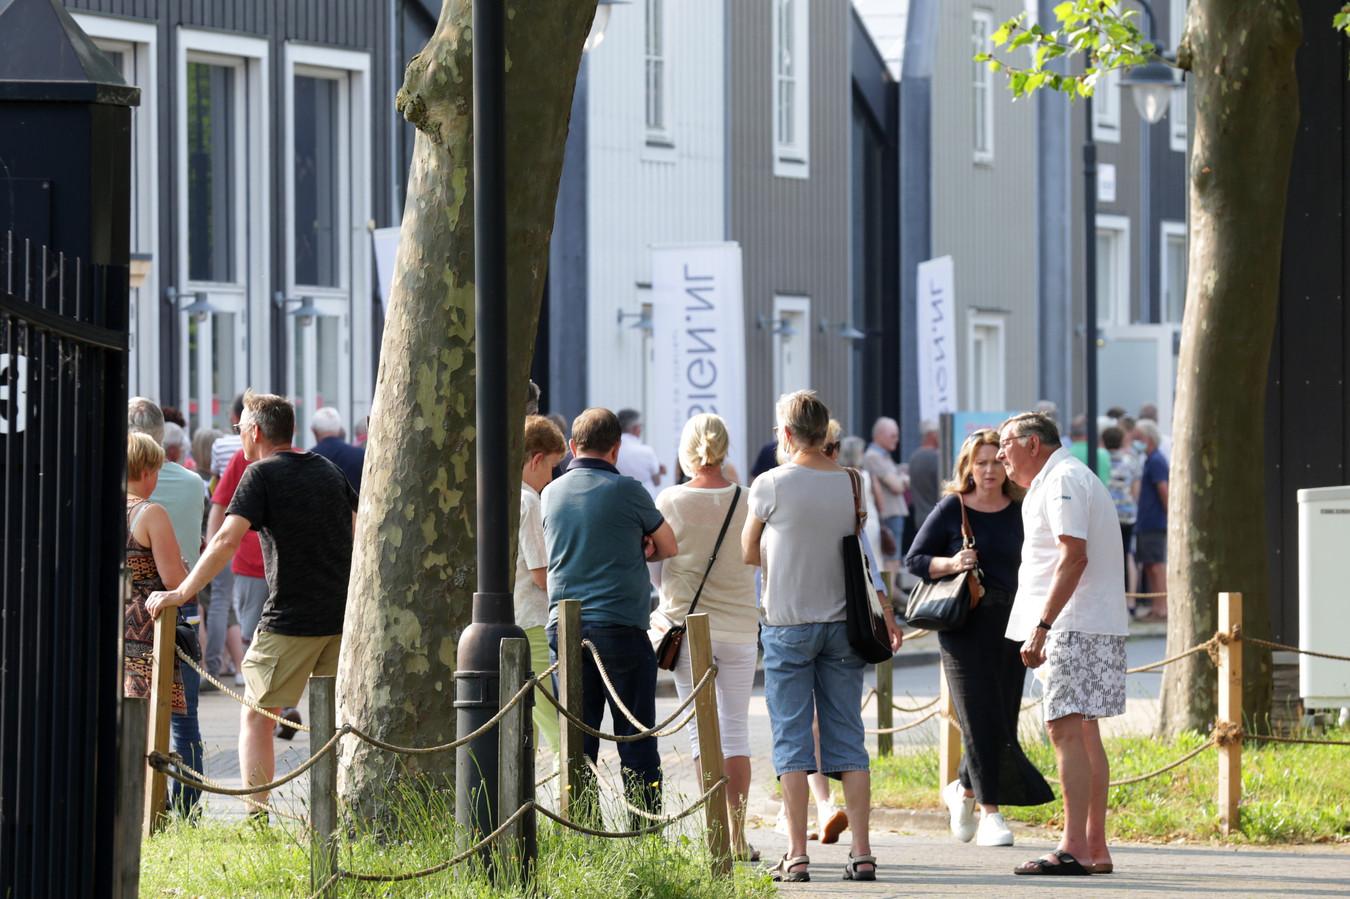 De eerste mogelijkheid om de coronaprik te laten vastleggen in het gele boekje trok woensdagavond mensen van heinde en verre naar Nijverdal.